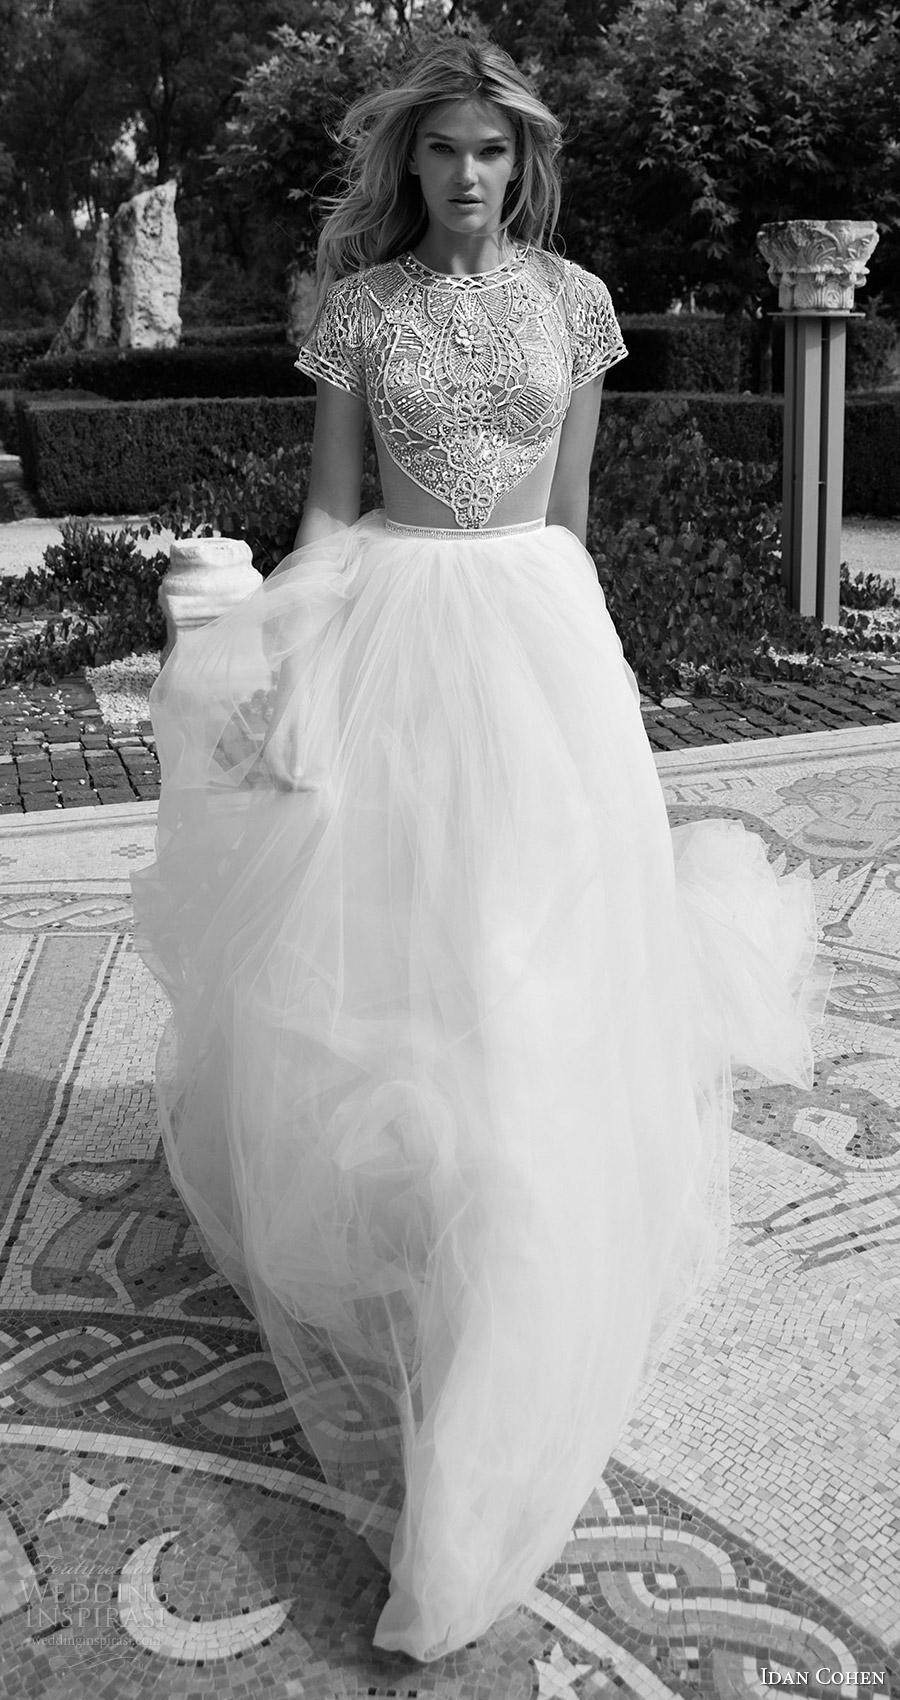 Idan Cohen nupcial 2017 del vestido de boda del vestido de bola moldeado del cuello de la manga casquillo joya corpiño Idan mv (Carla el río) mv